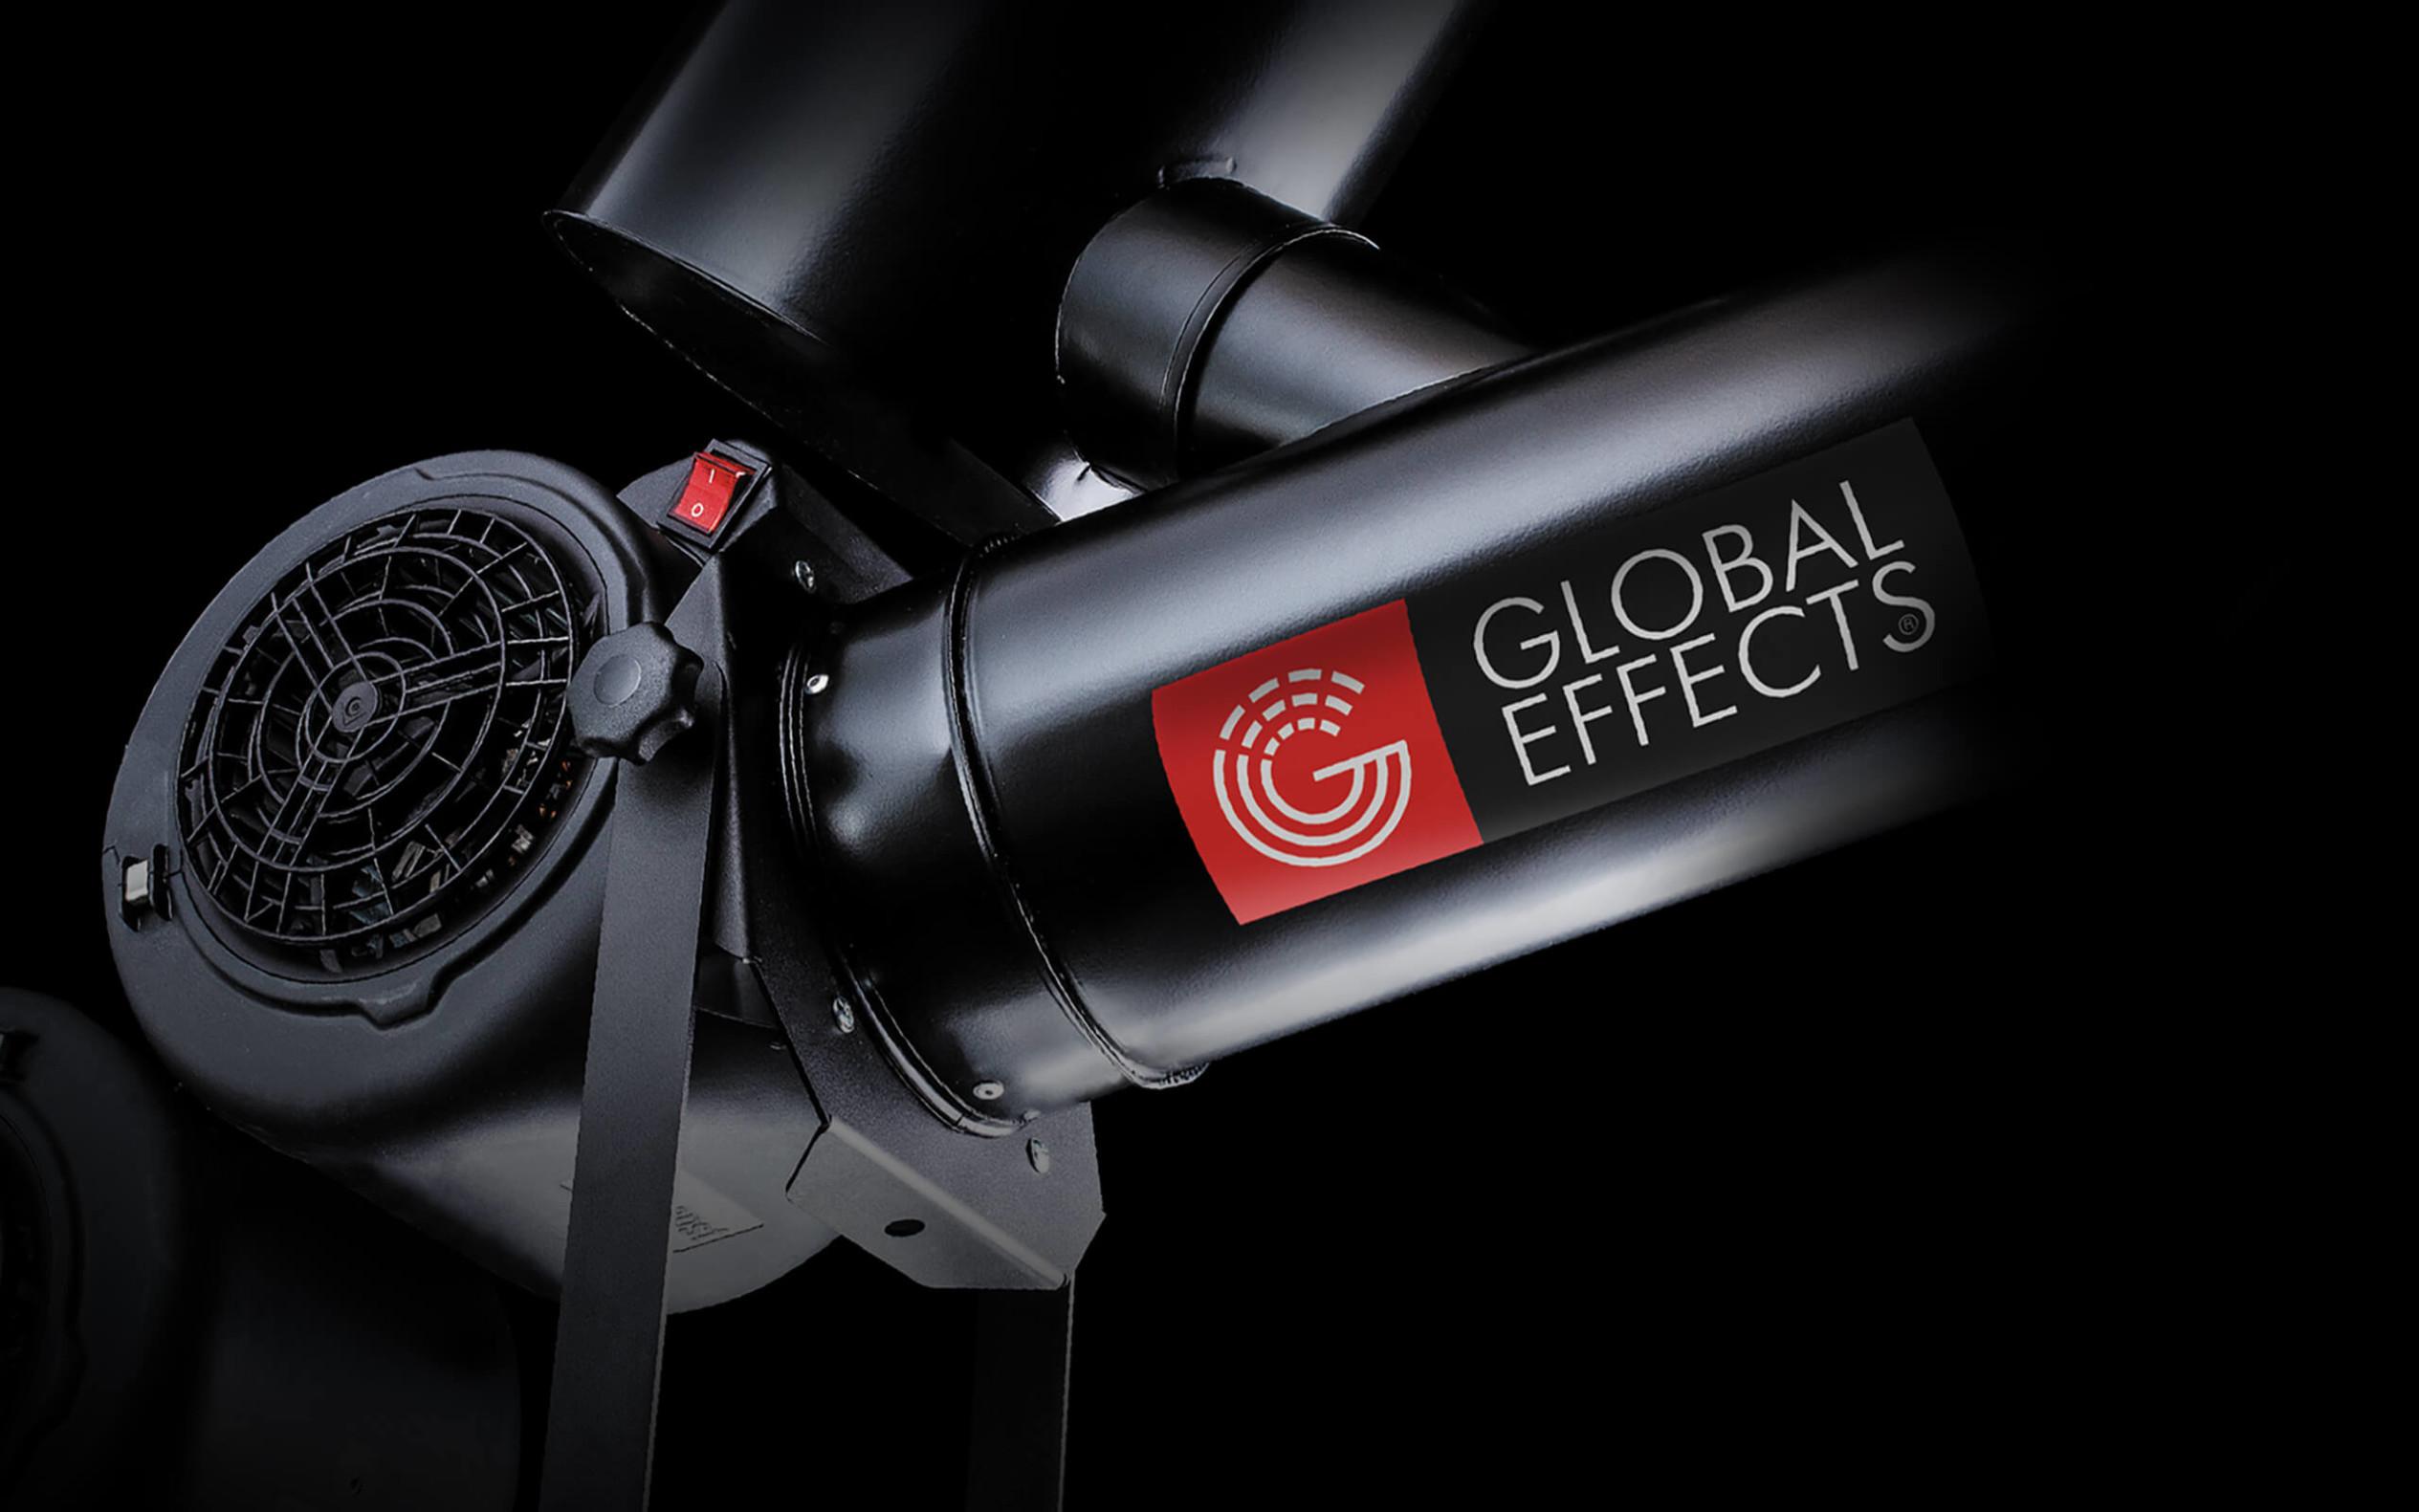 global effect айдентика лого дизайн полиграфия сайт web фото